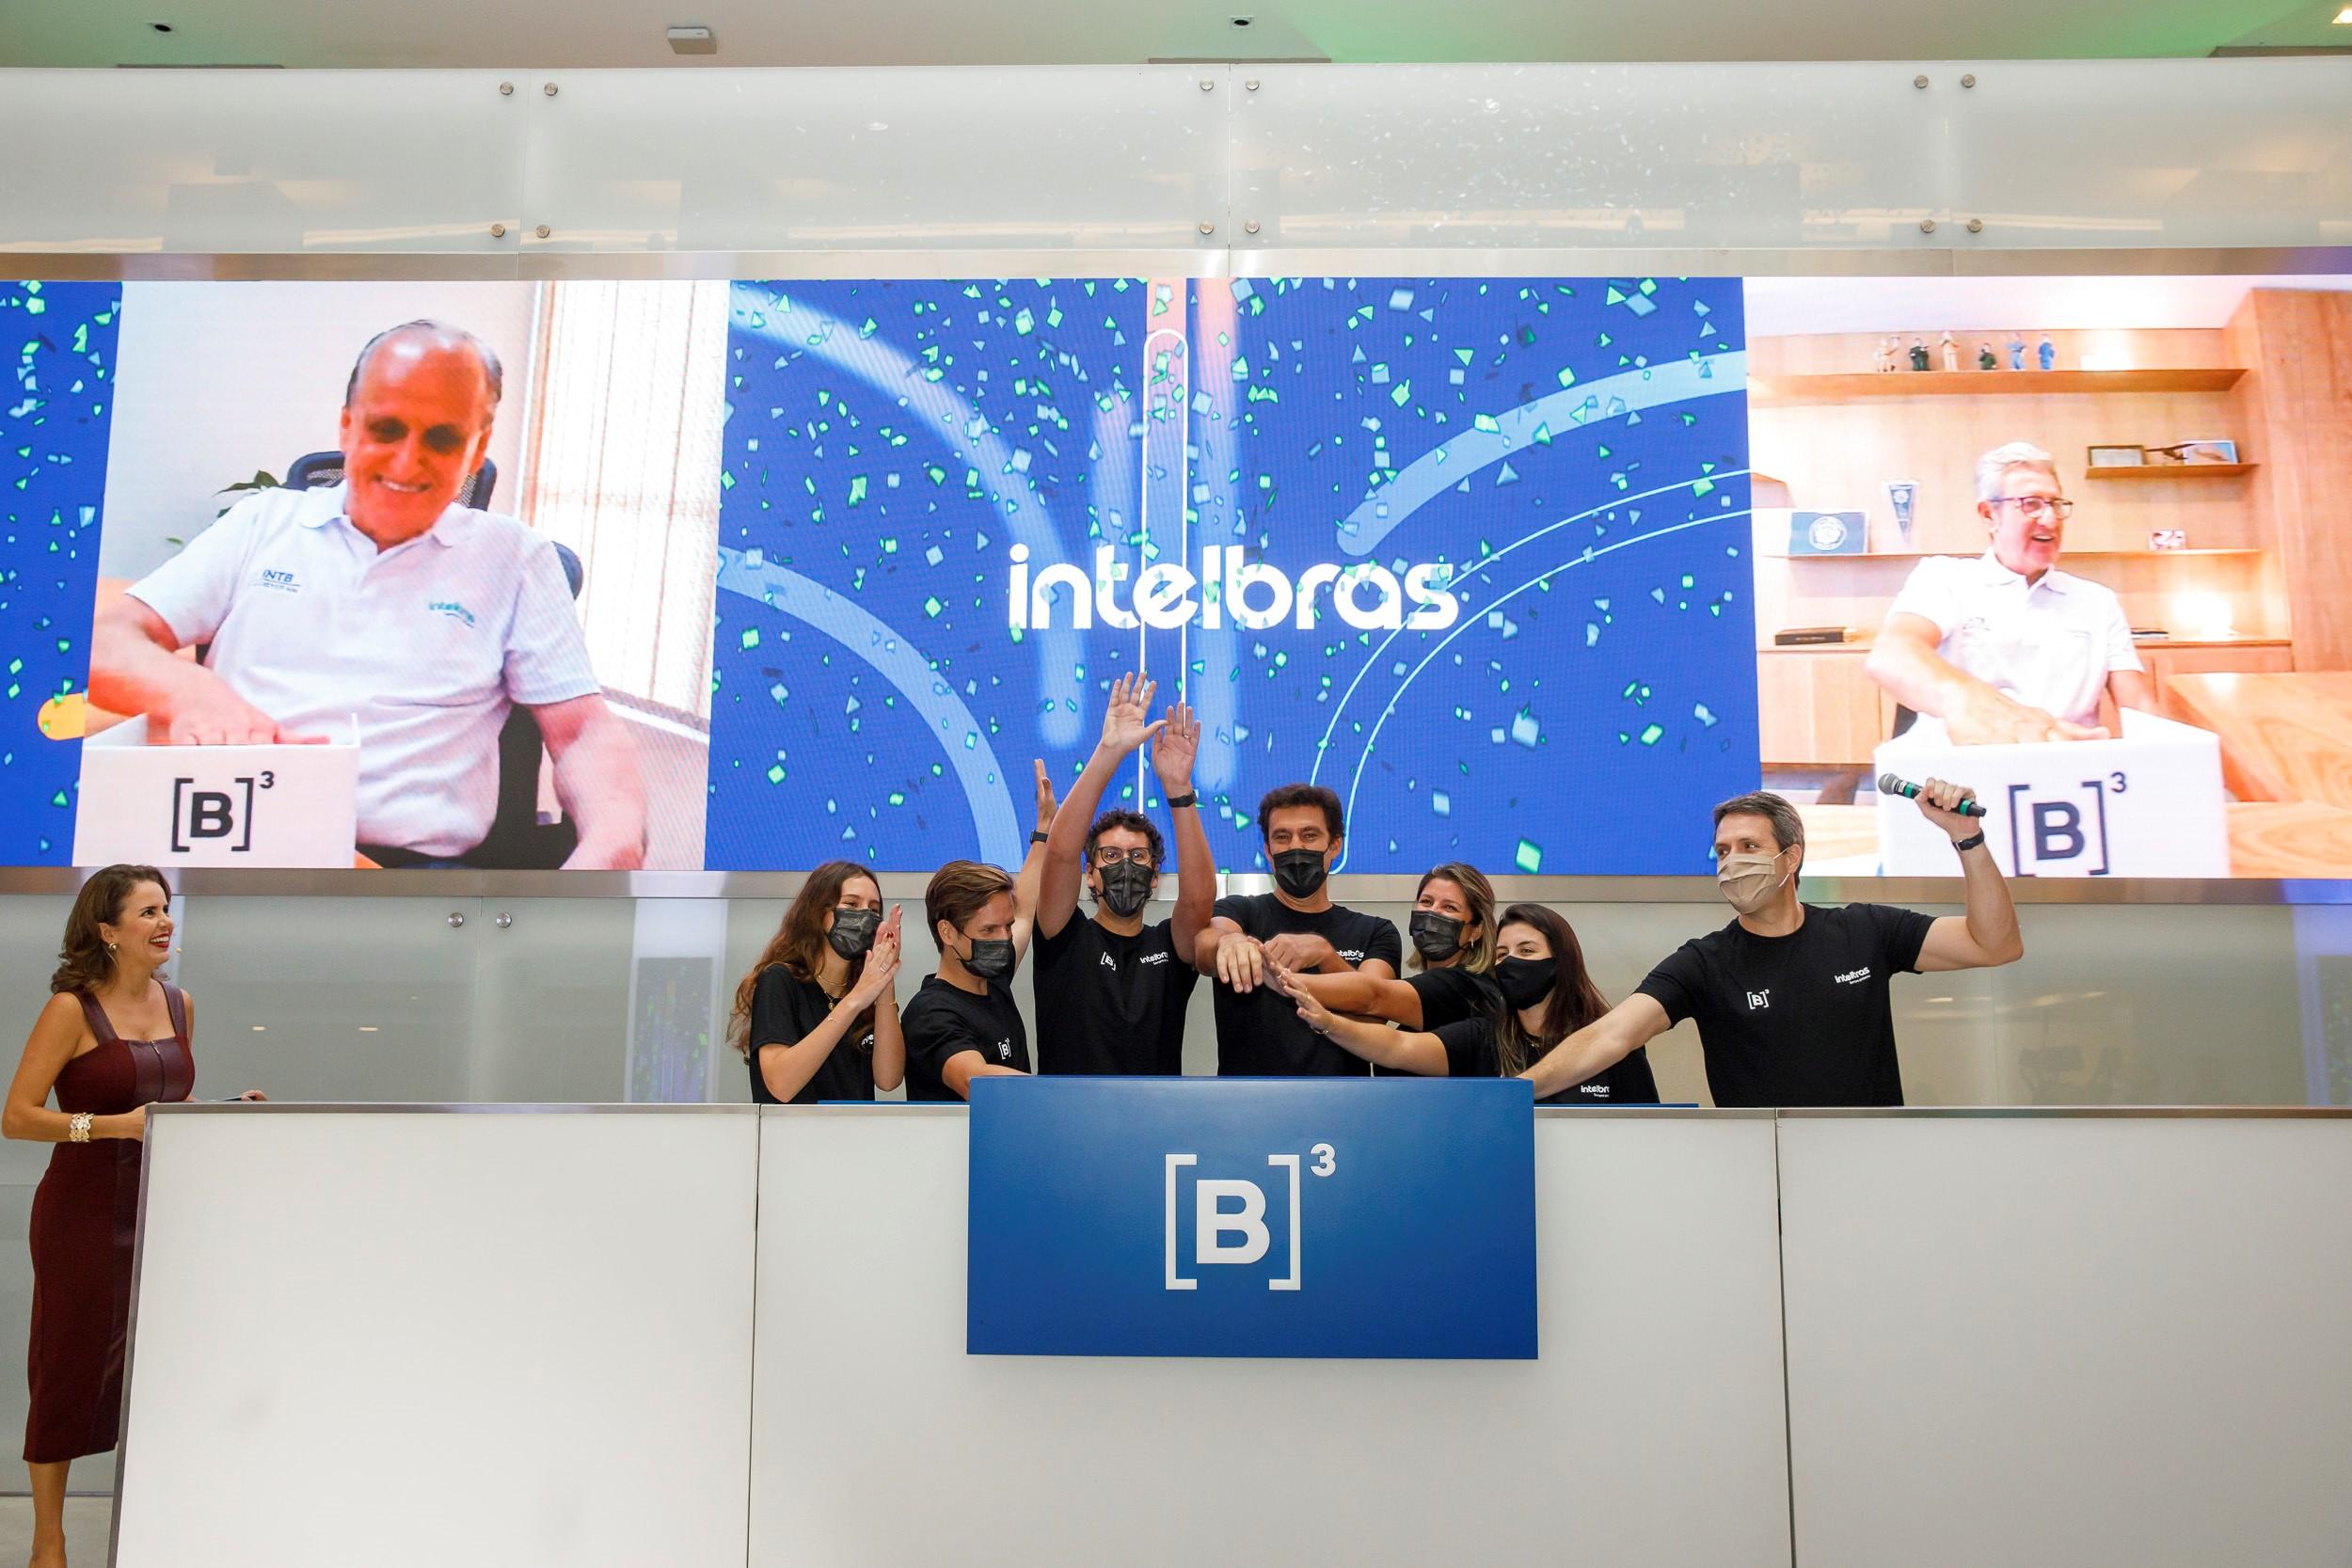 intelbras_Família Freitas apertando campainha no pregrão